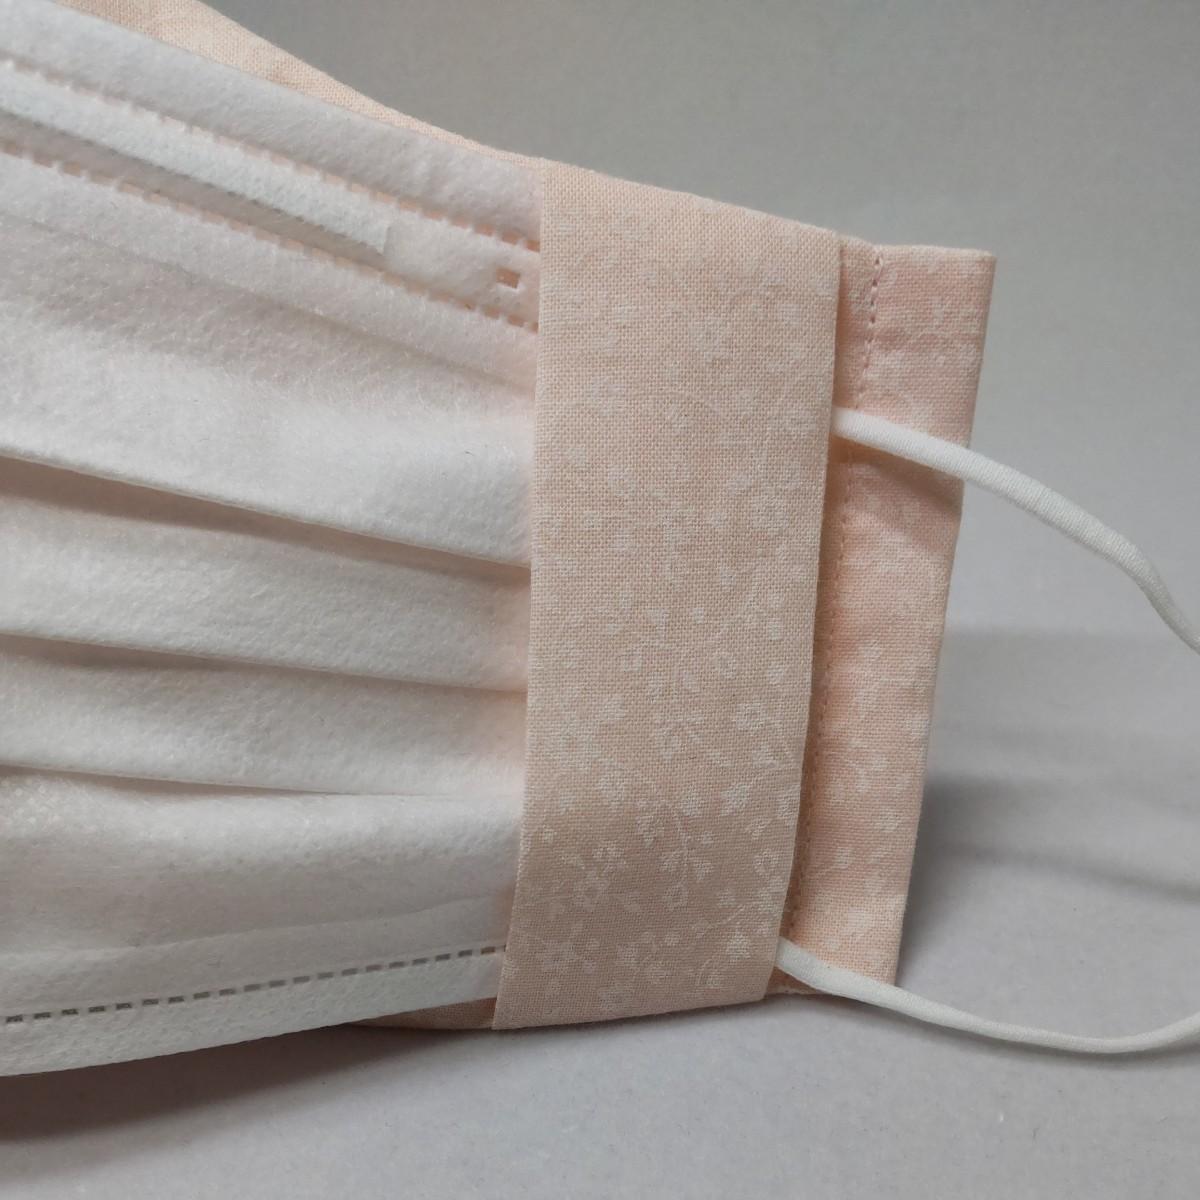 立体インナー立体カバー コットン ベビーピンク花柄 2wayタイプ